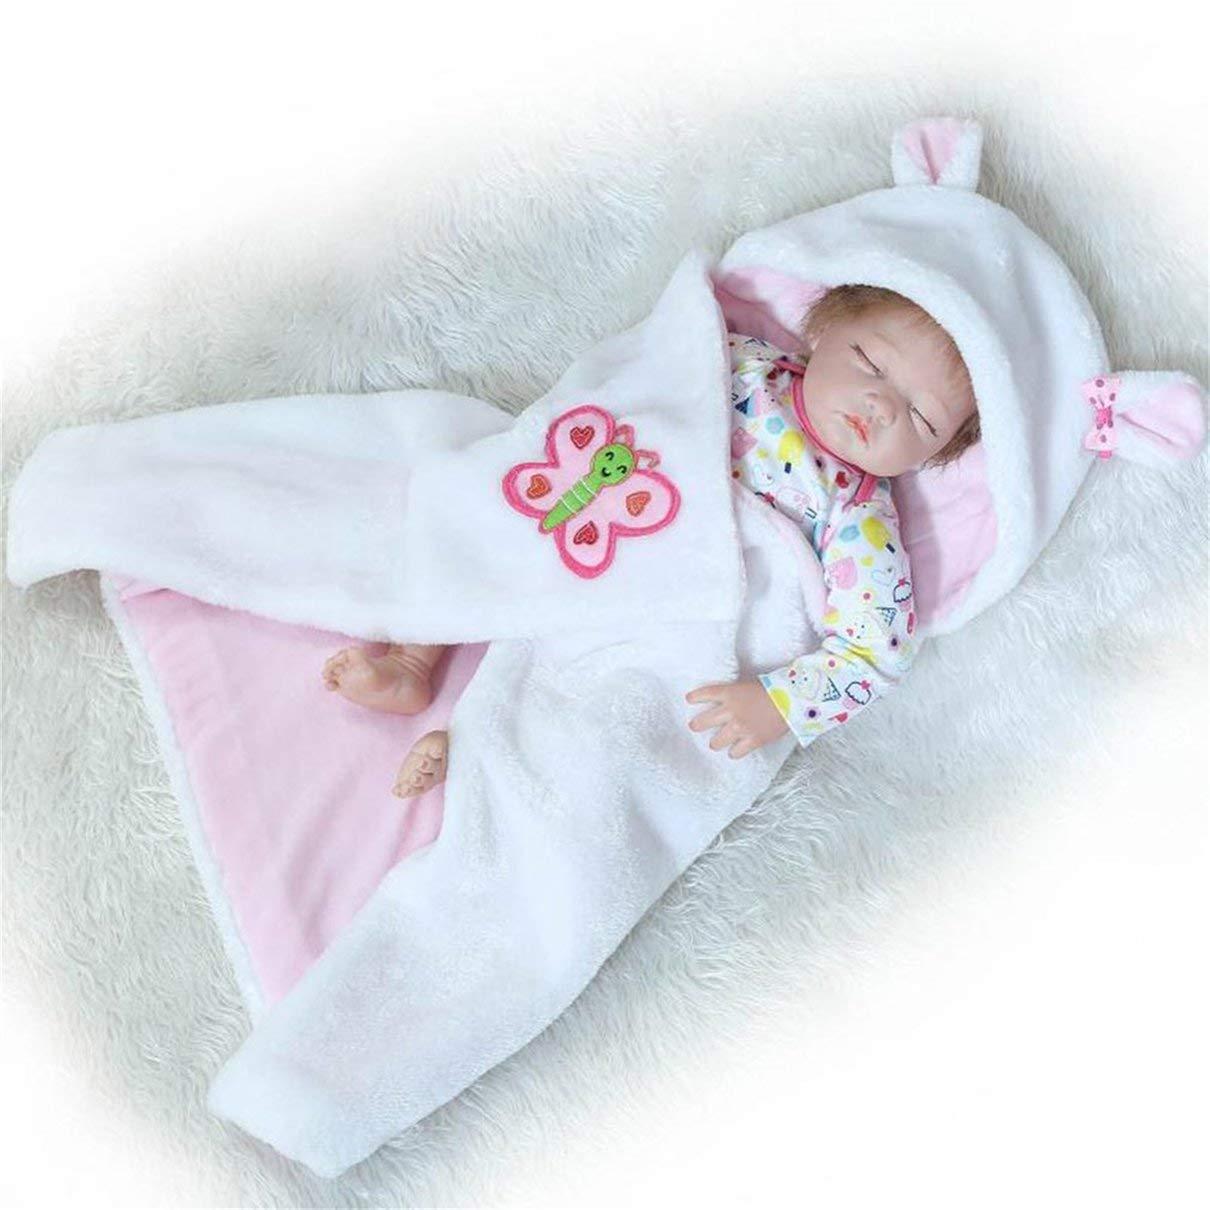 55CM Silicona Dormir renacido de la muñeca de los niños Playmate Regalo para los bebés Alive Peluches Juguetes Renacido Accesorios de Fotos Blanco y Rosa